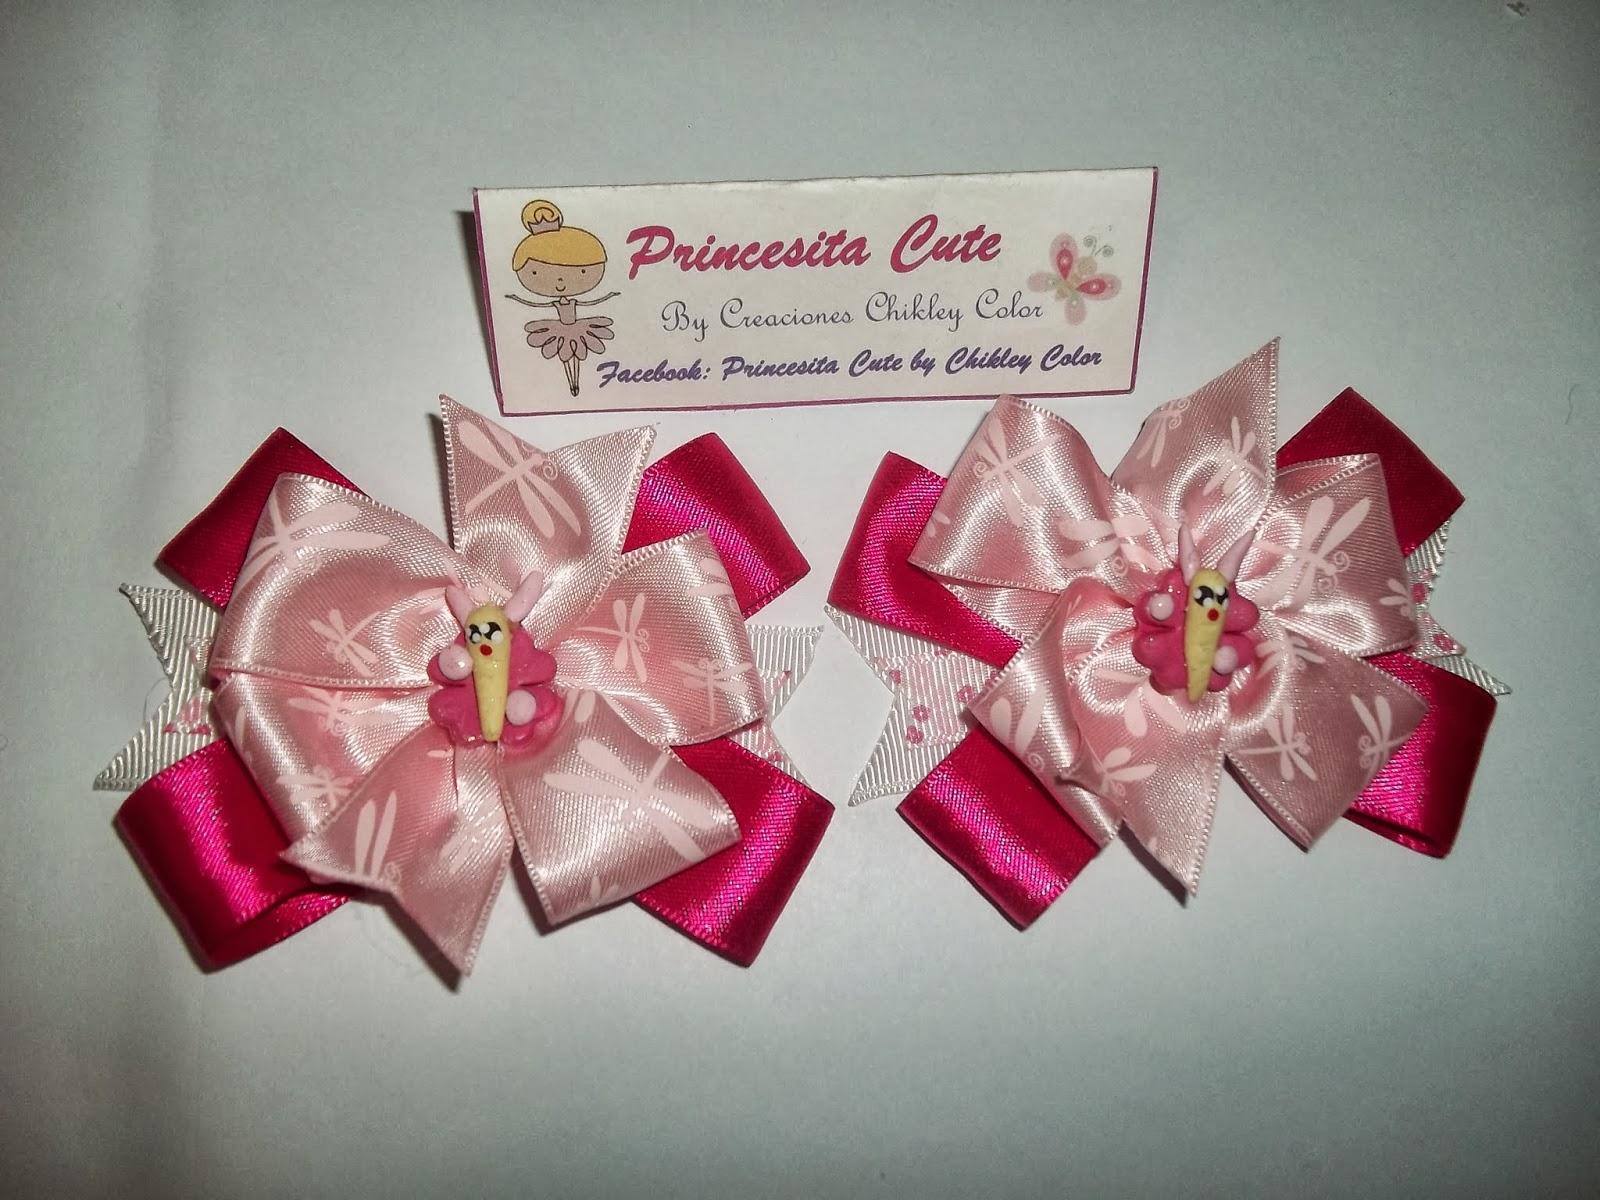 Princesita Cute by Chikley color: Lazos para Niñas